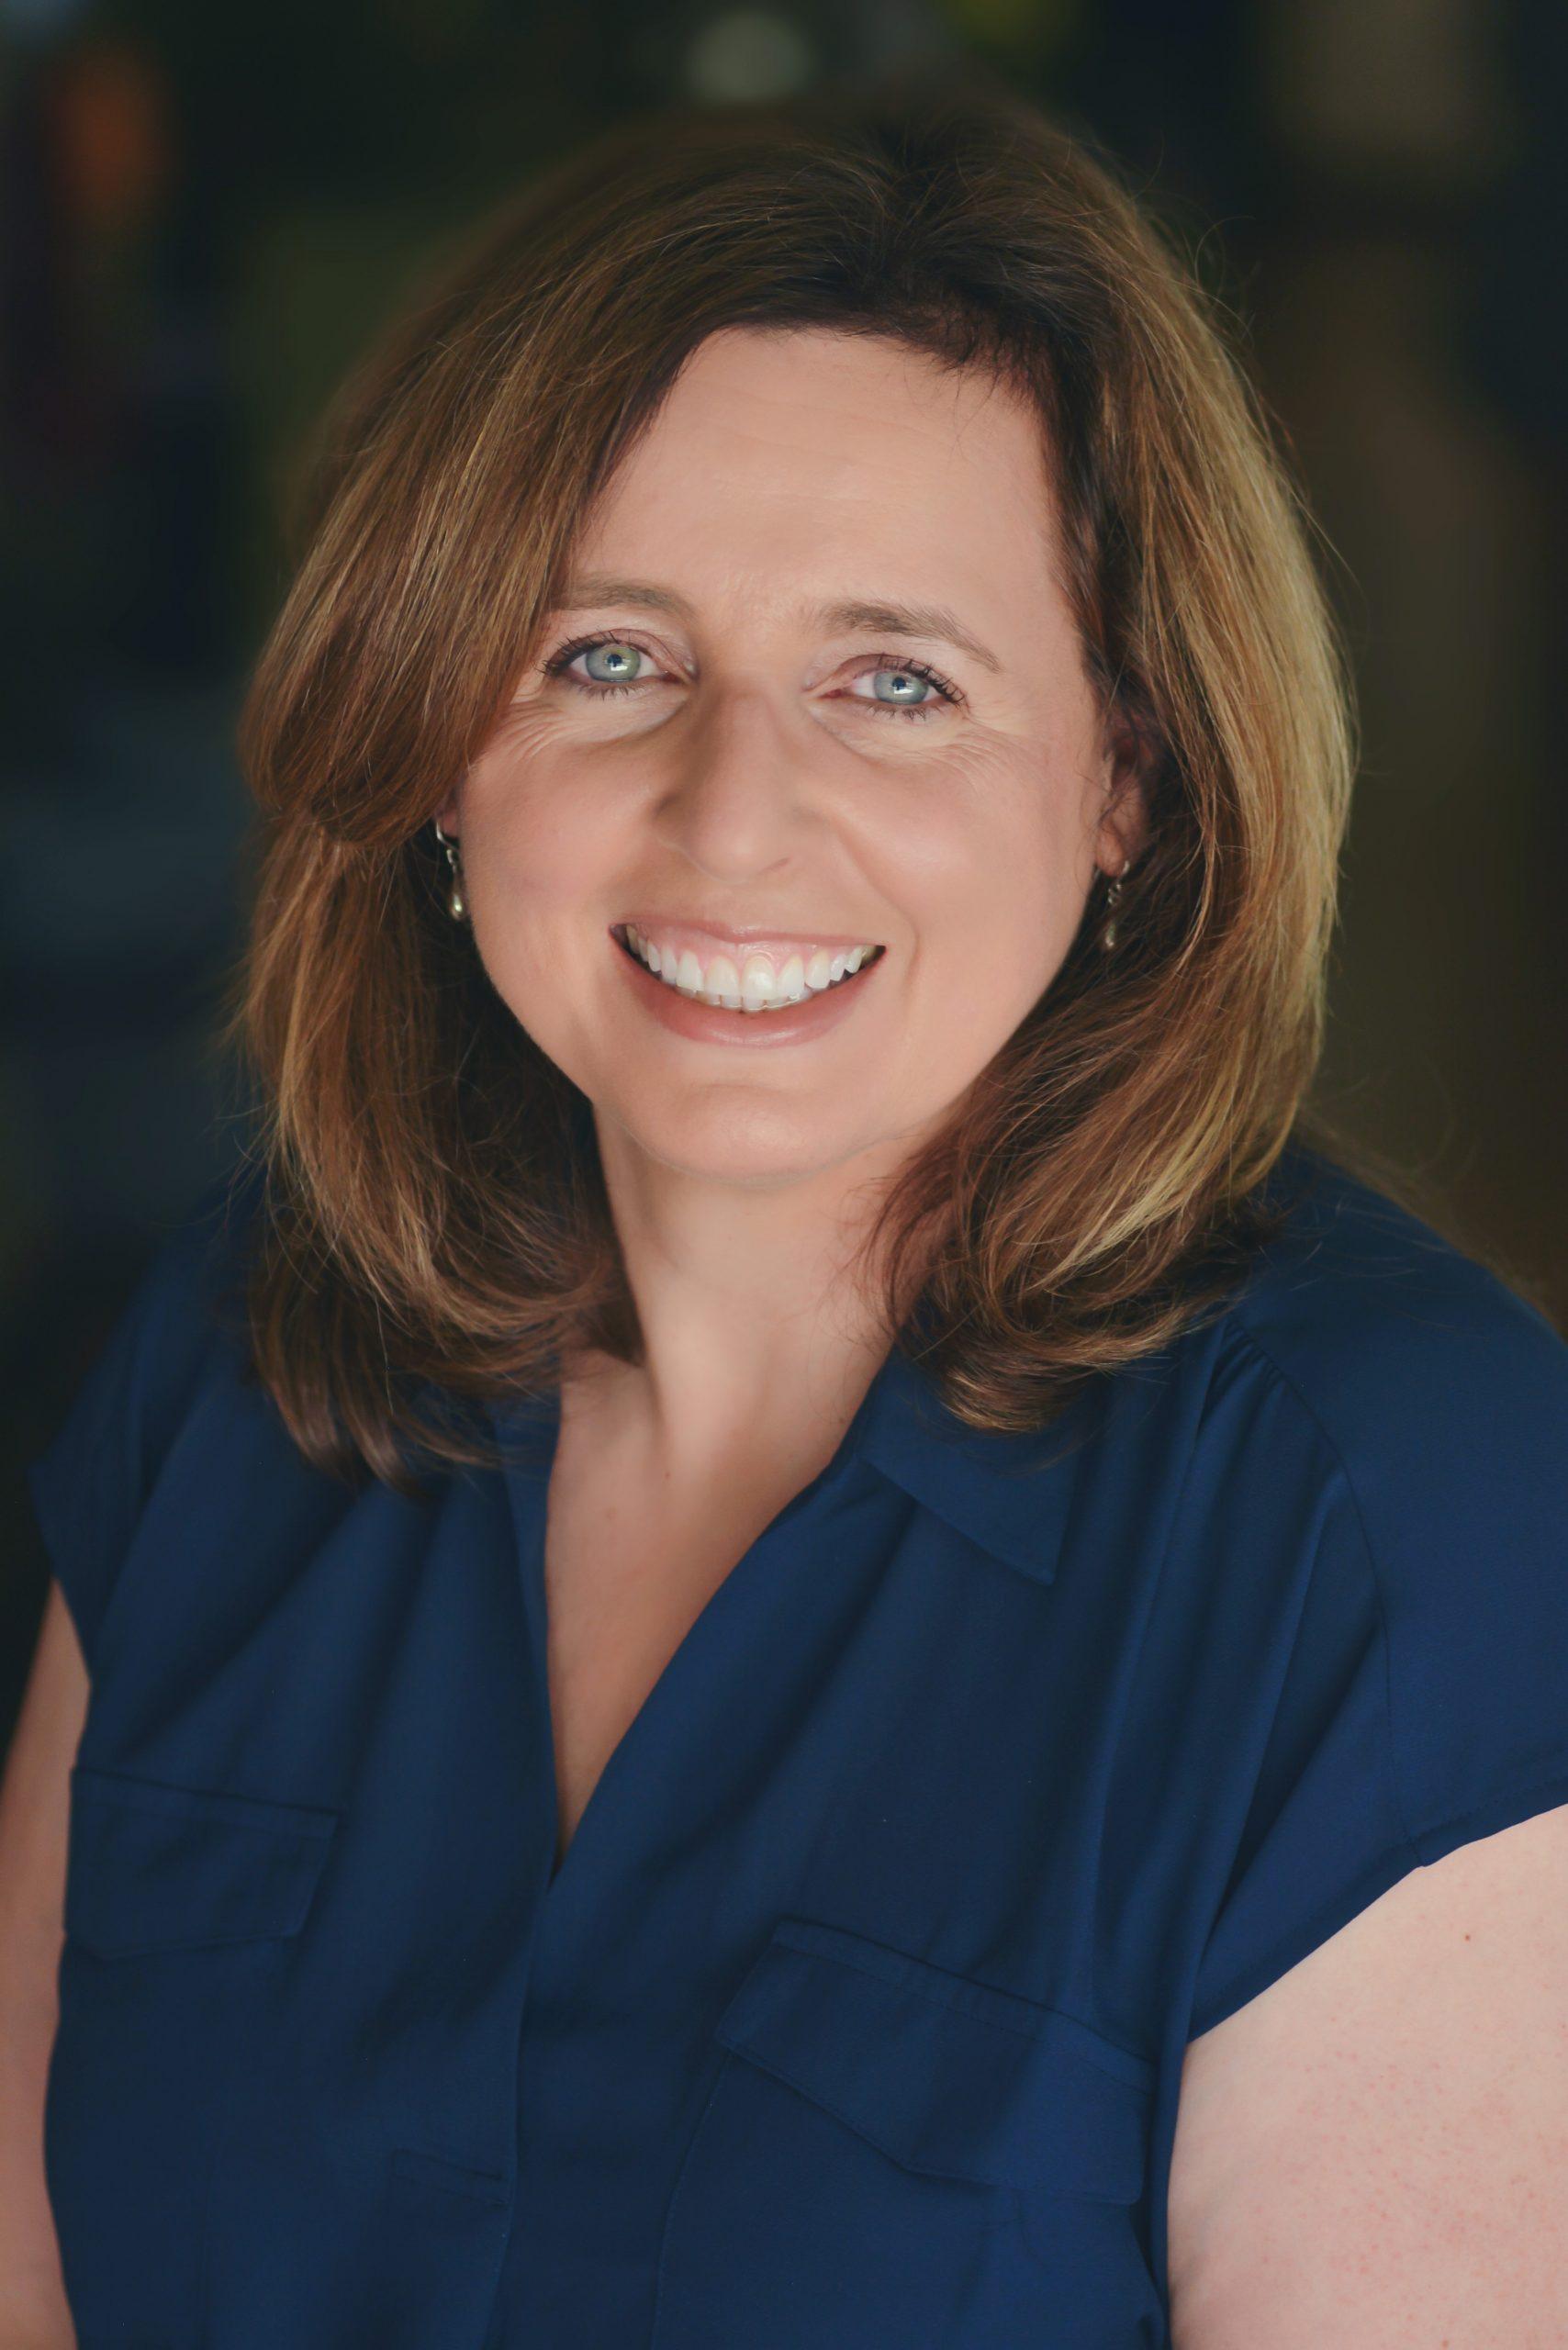 Sophie Ingerslew